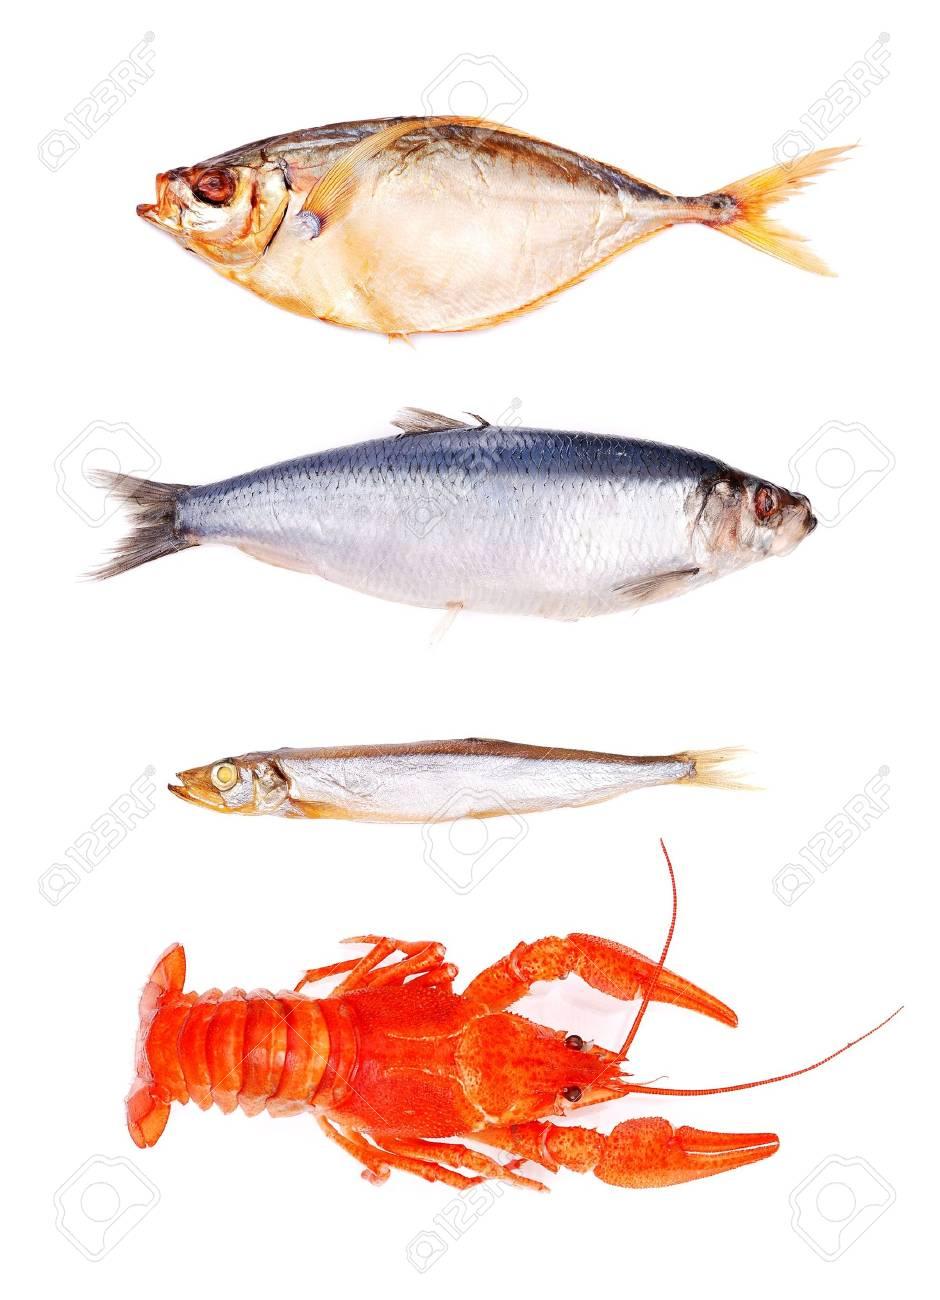 set of fish isolated on white. Stock Photo - 6808438